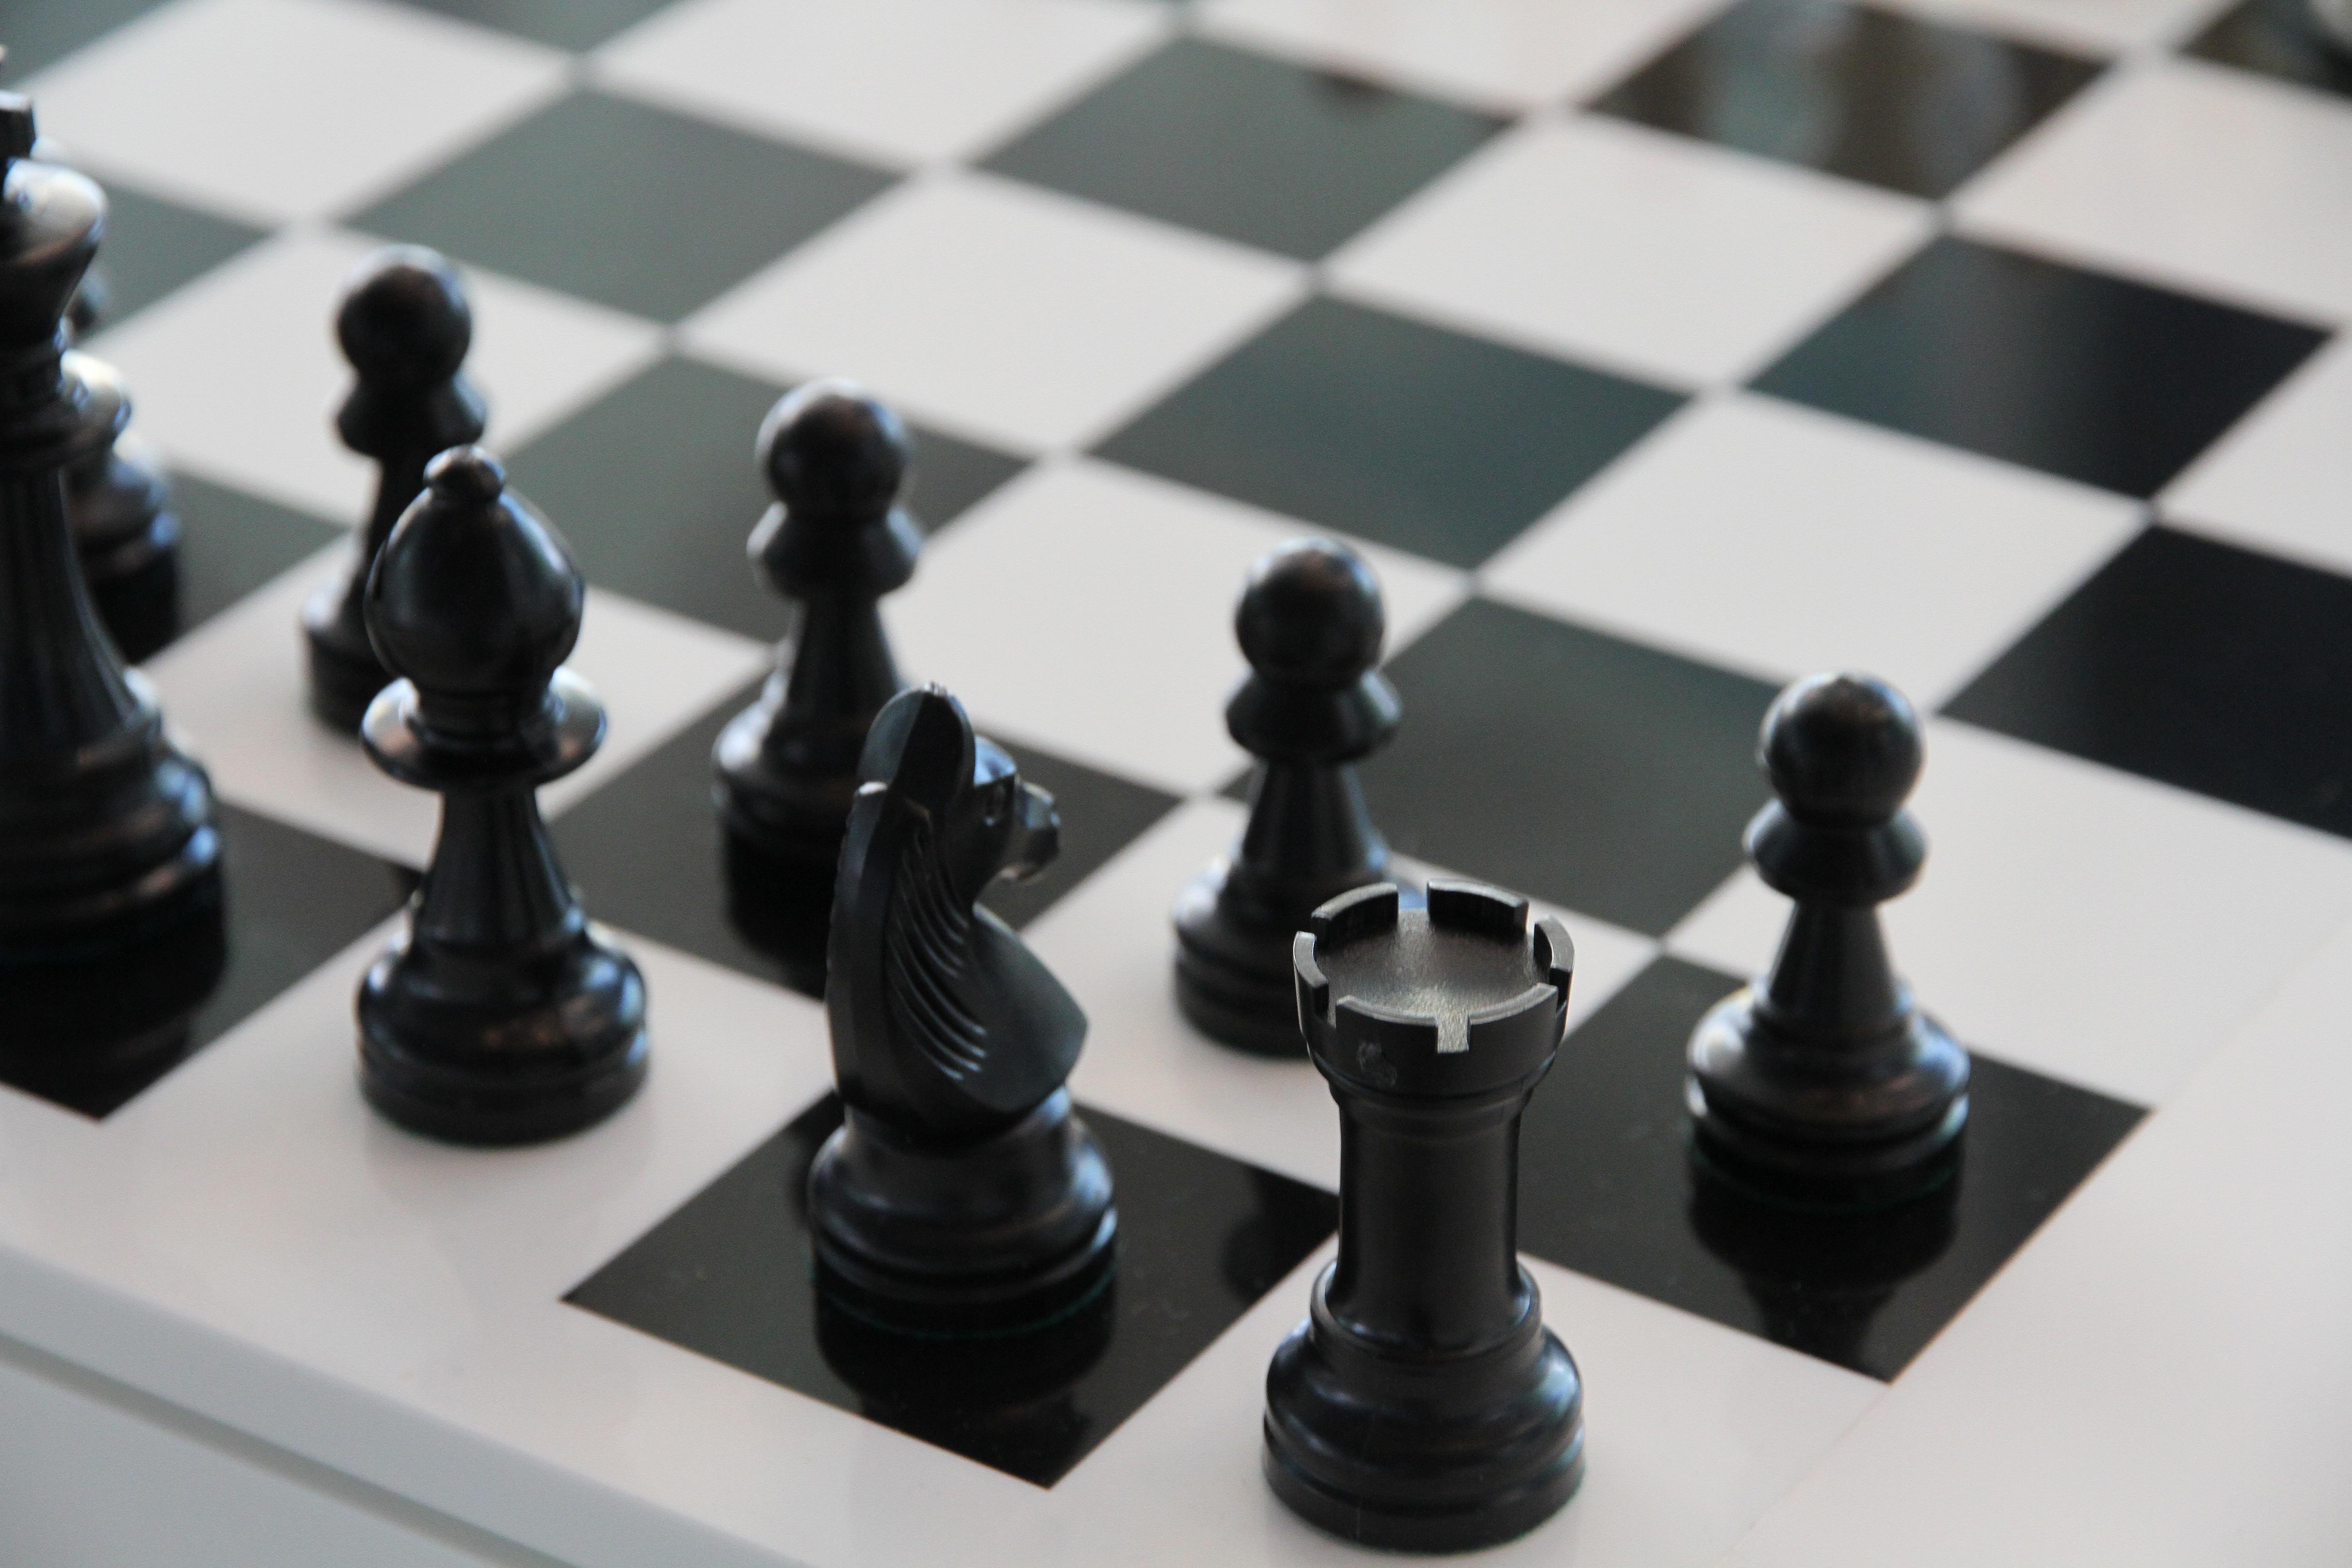 112836 Заставки и Обои Спорт на телефон. Скачать Спорт, Чб, Фигуры, Шахматы, Шахматная Доска картинки бесплатно